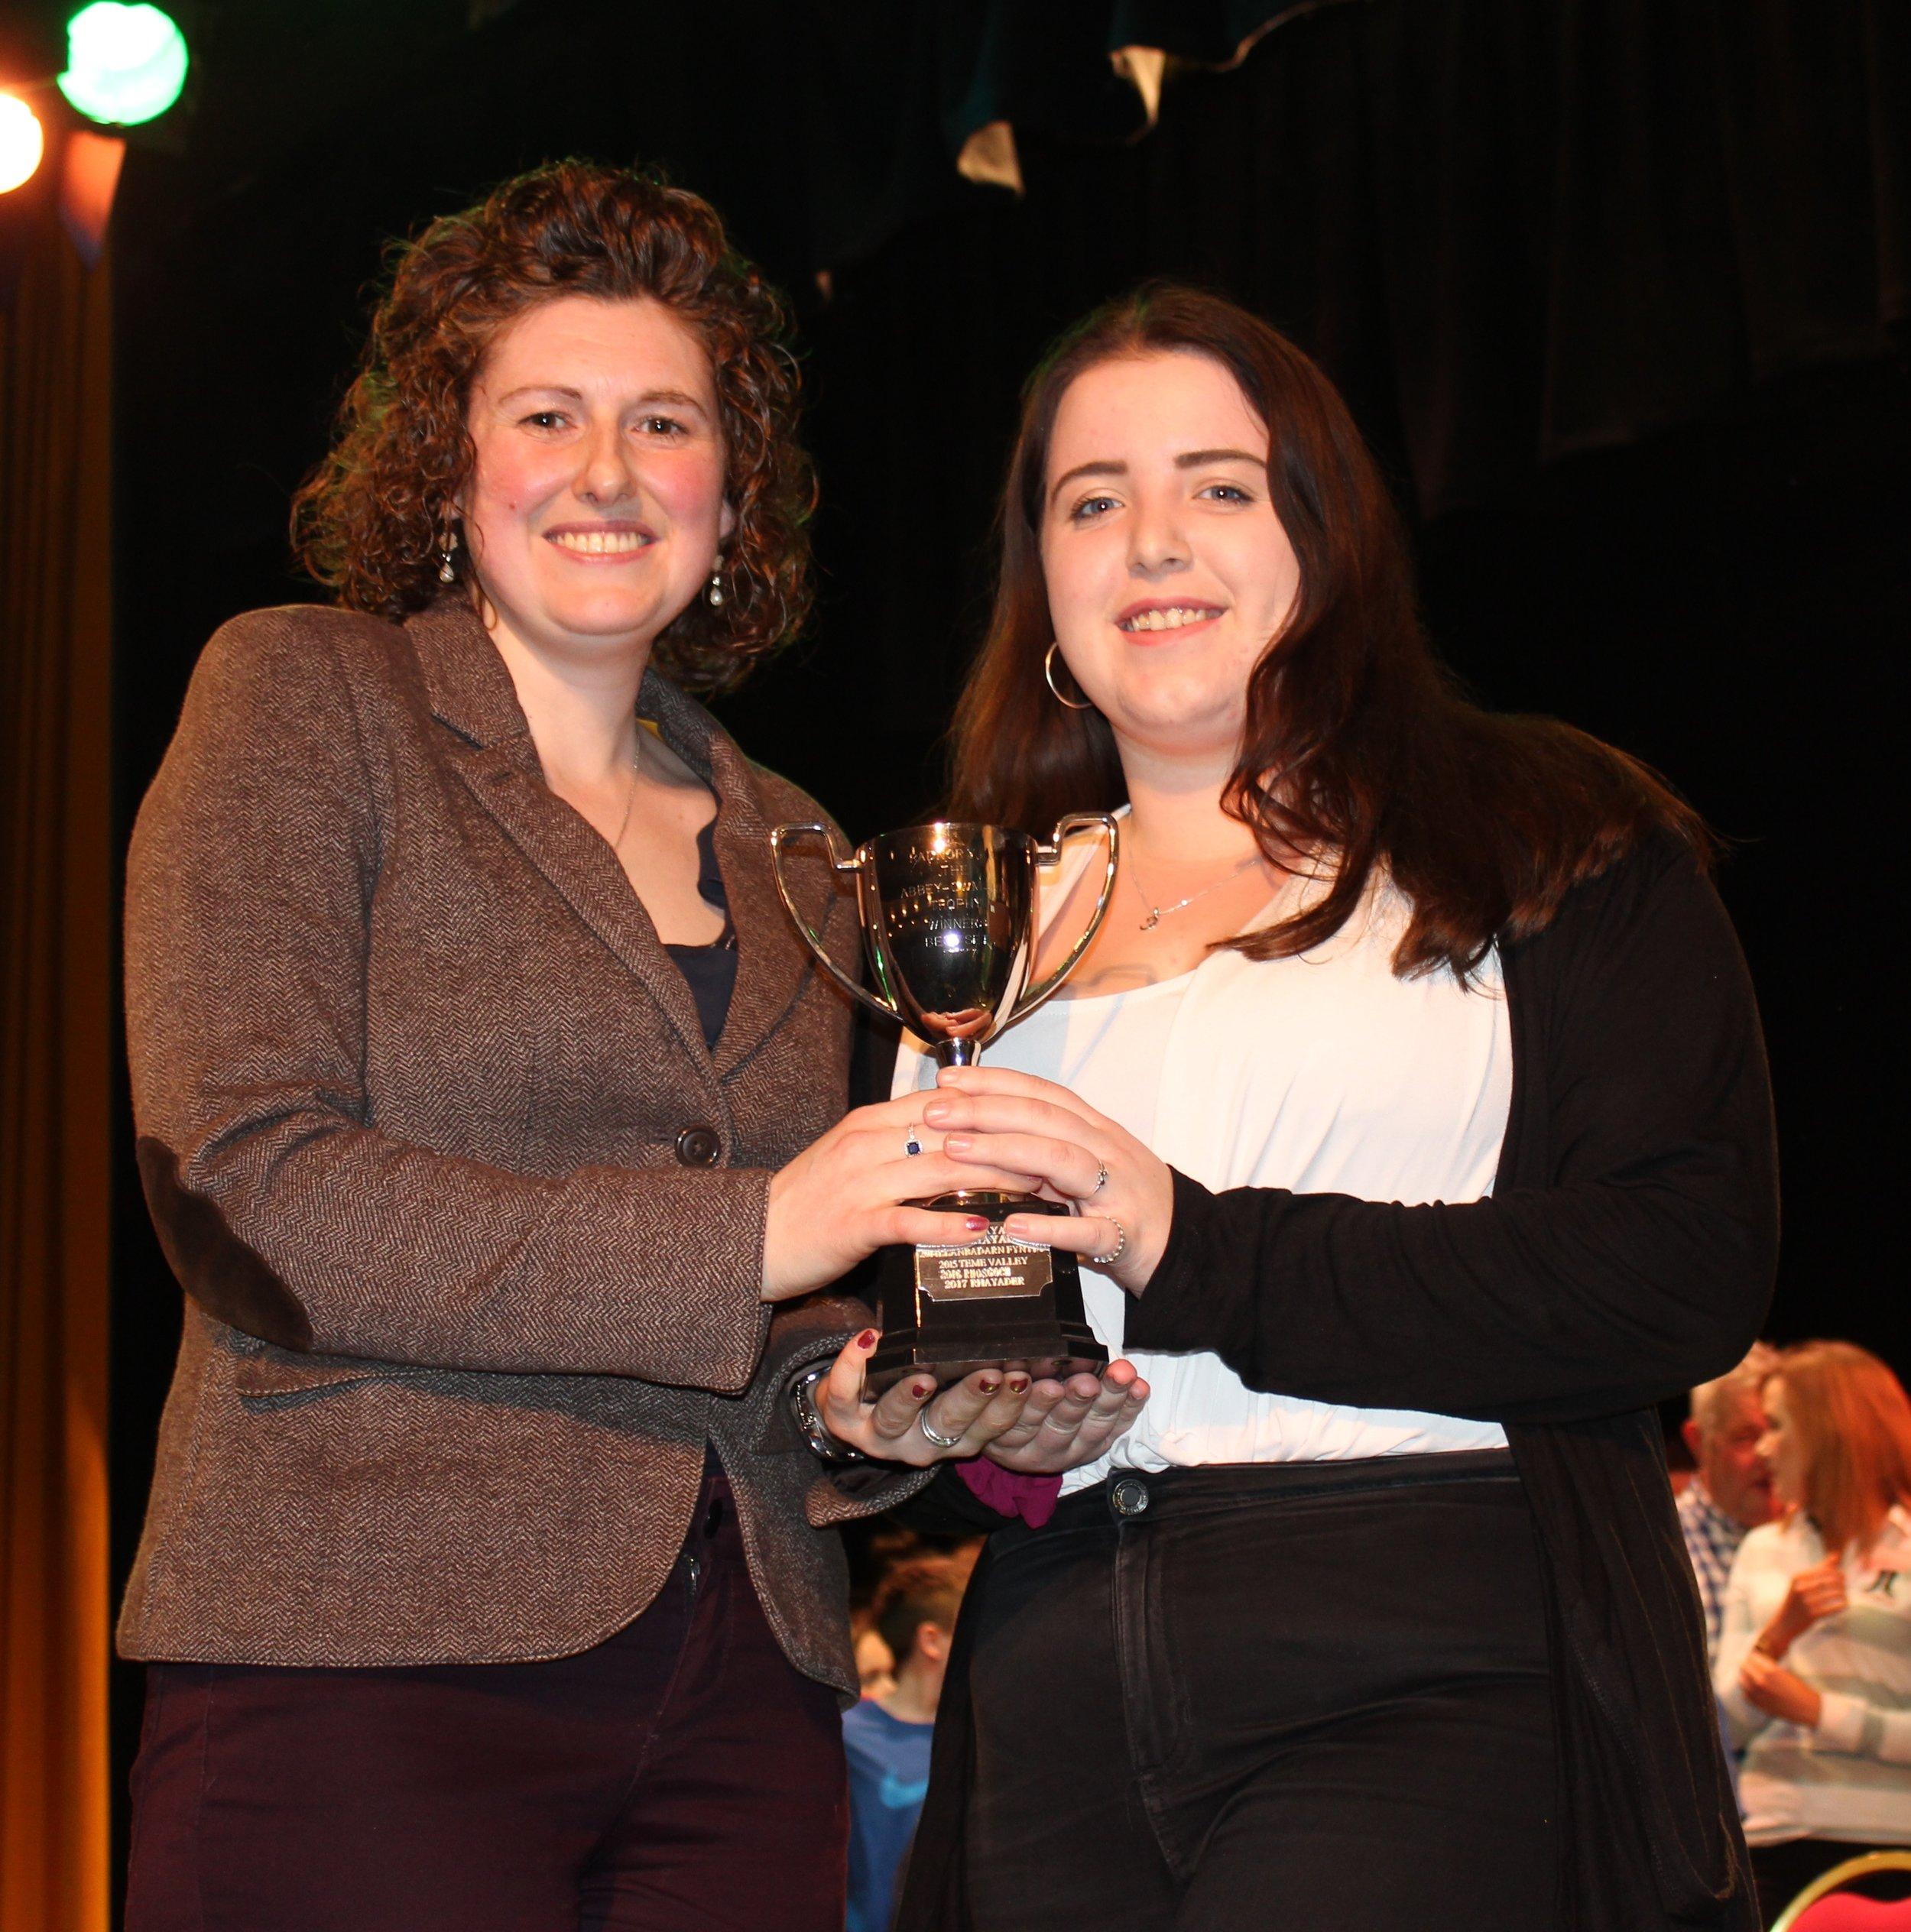 Cerys Wood, Knighton YFC - Abbey Cwm Hir Hall Trophy for Best Set.